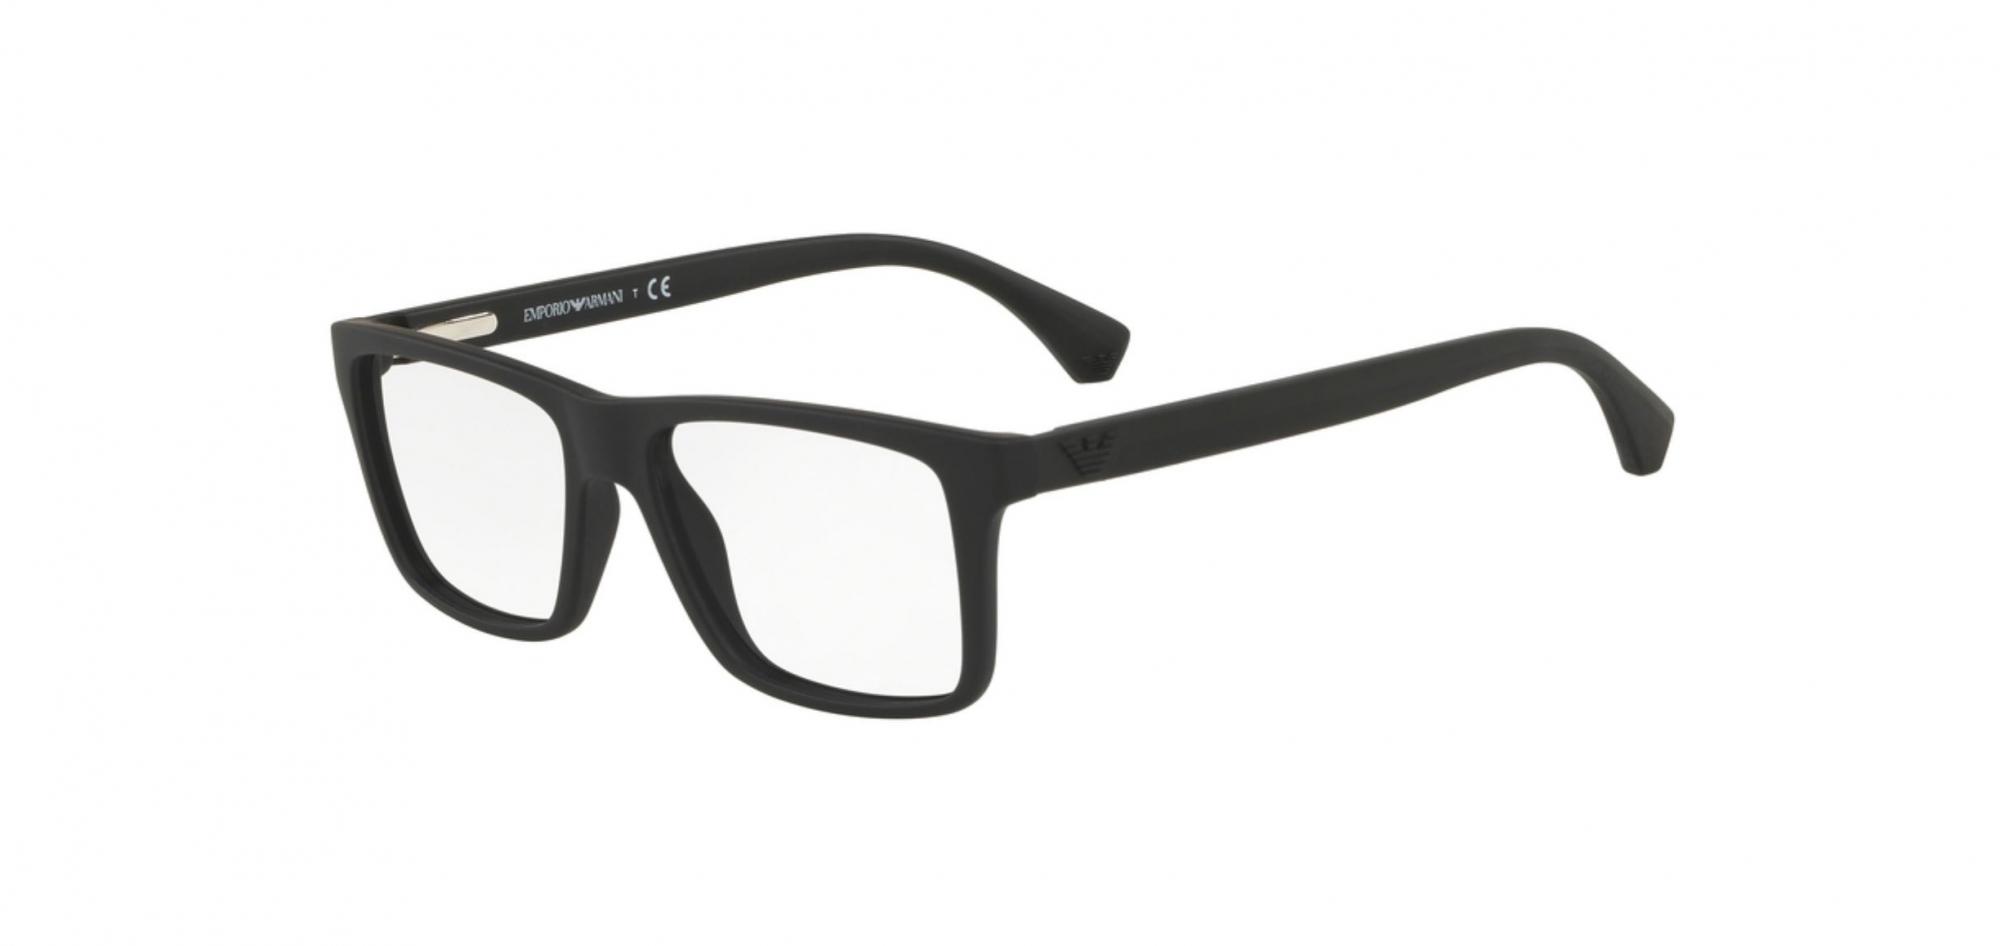 Emporio Armani EA3034 5649 Black Rubber a10e23d45d